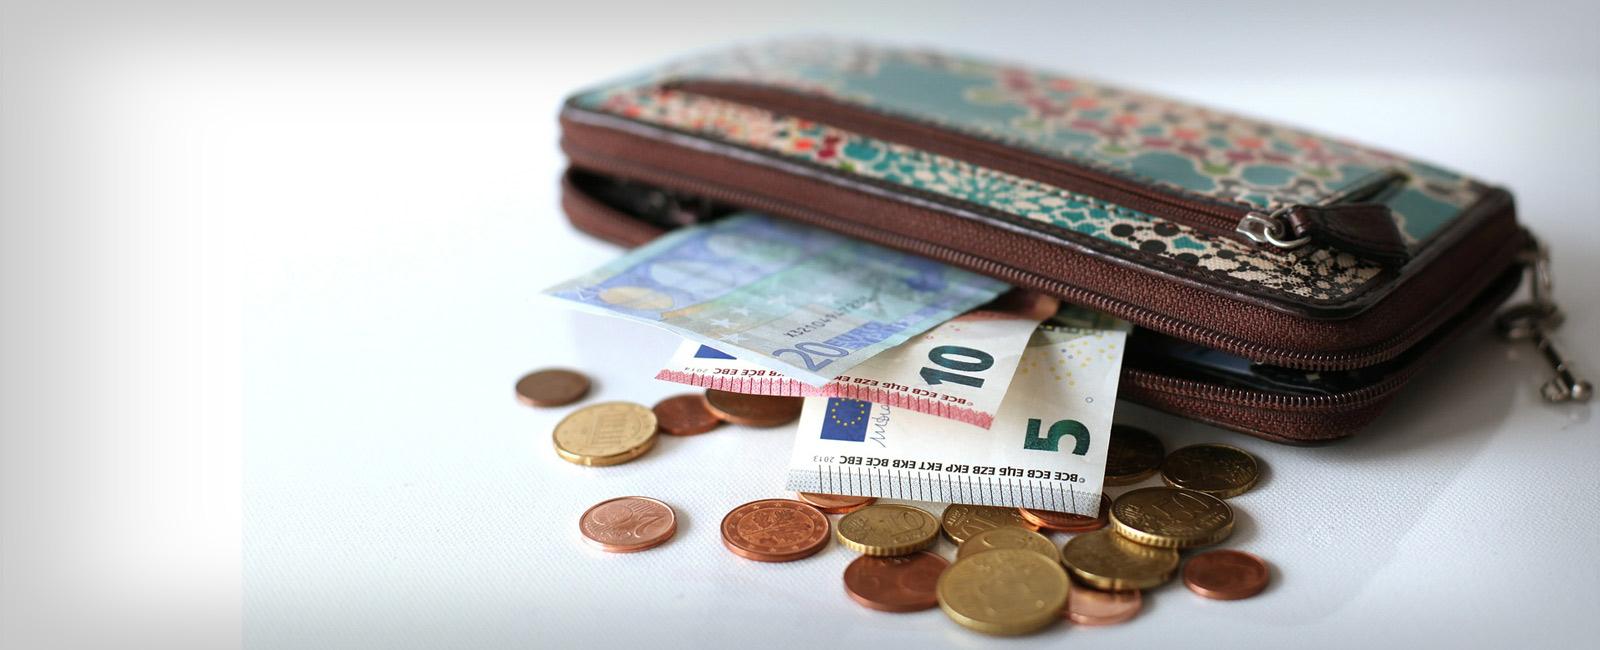 Wie viel Taschengeld benötige ich?